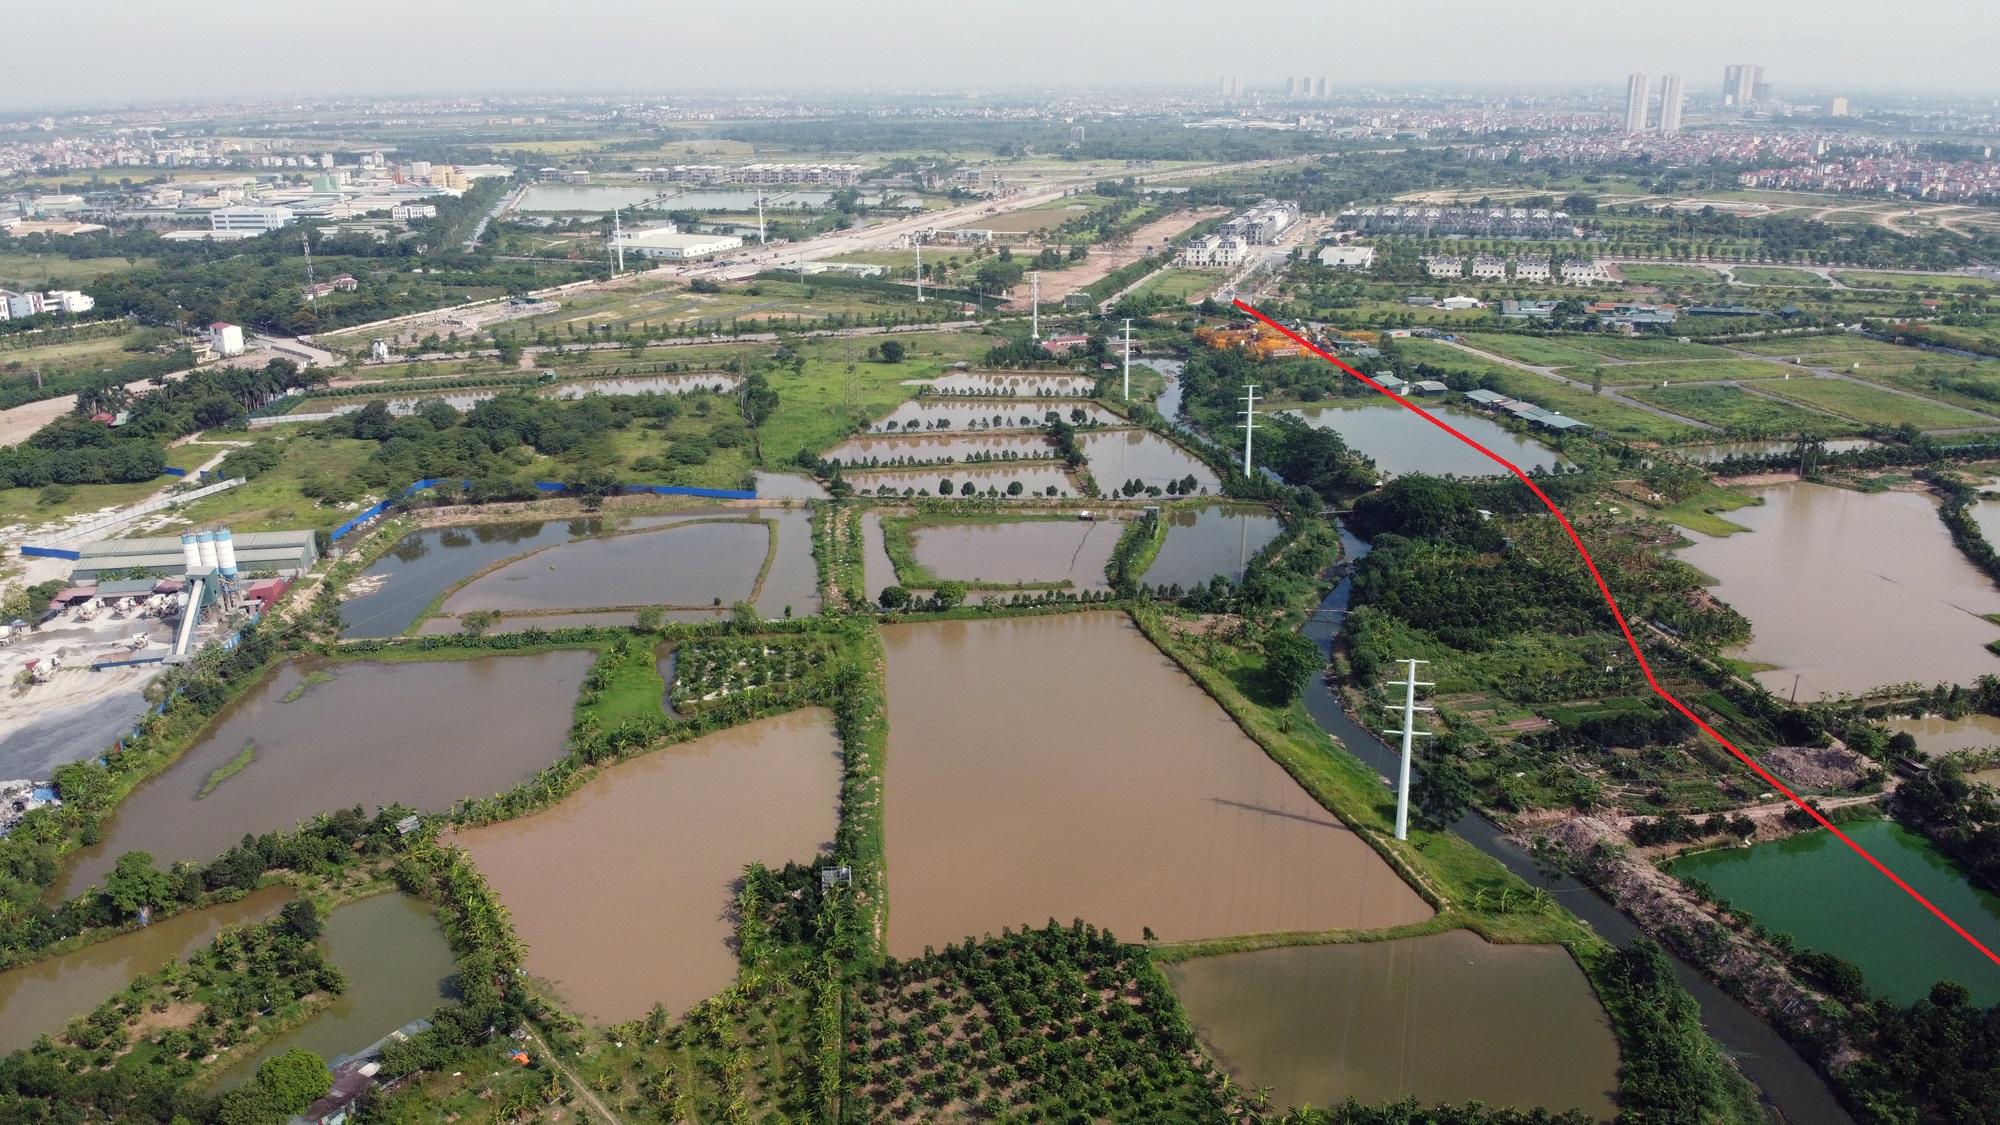 Toàn cảnh nơi xây dựng tuyến đường dài 3km trị giá gần 500 tỉ đồng ở quận Nam Từ Liêm - Ảnh 14.